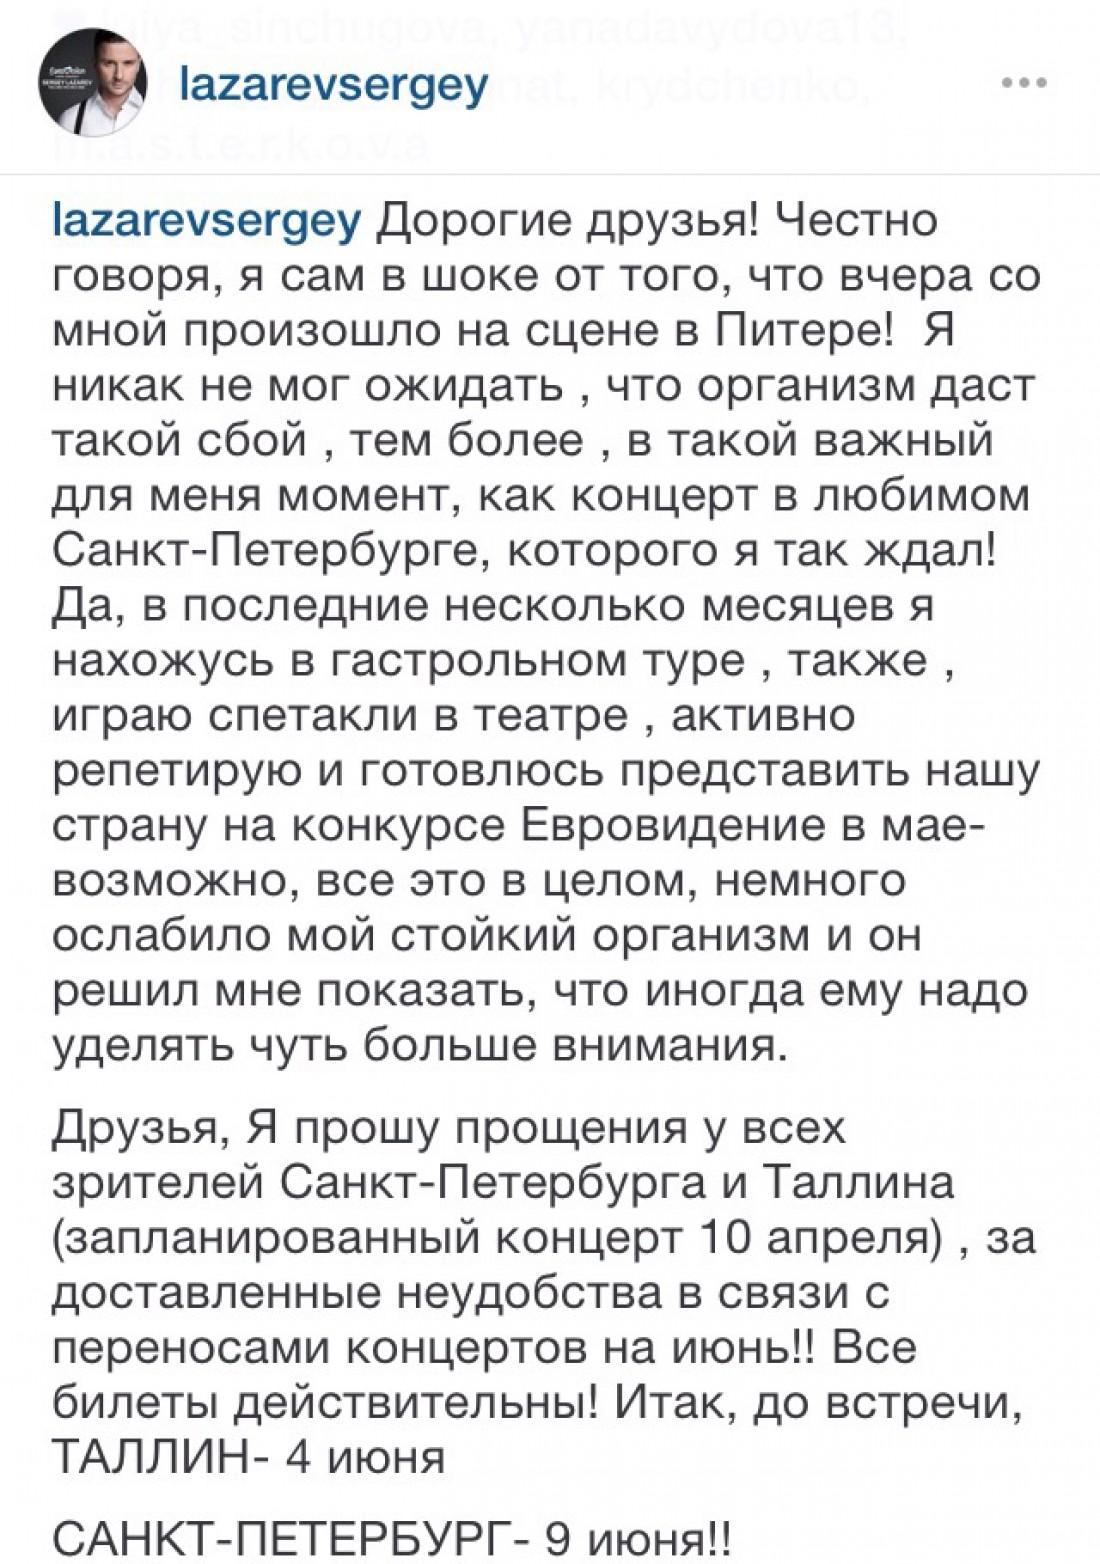 Сергей Лазарев упал в обморок во время концерта (ВИДЕО)